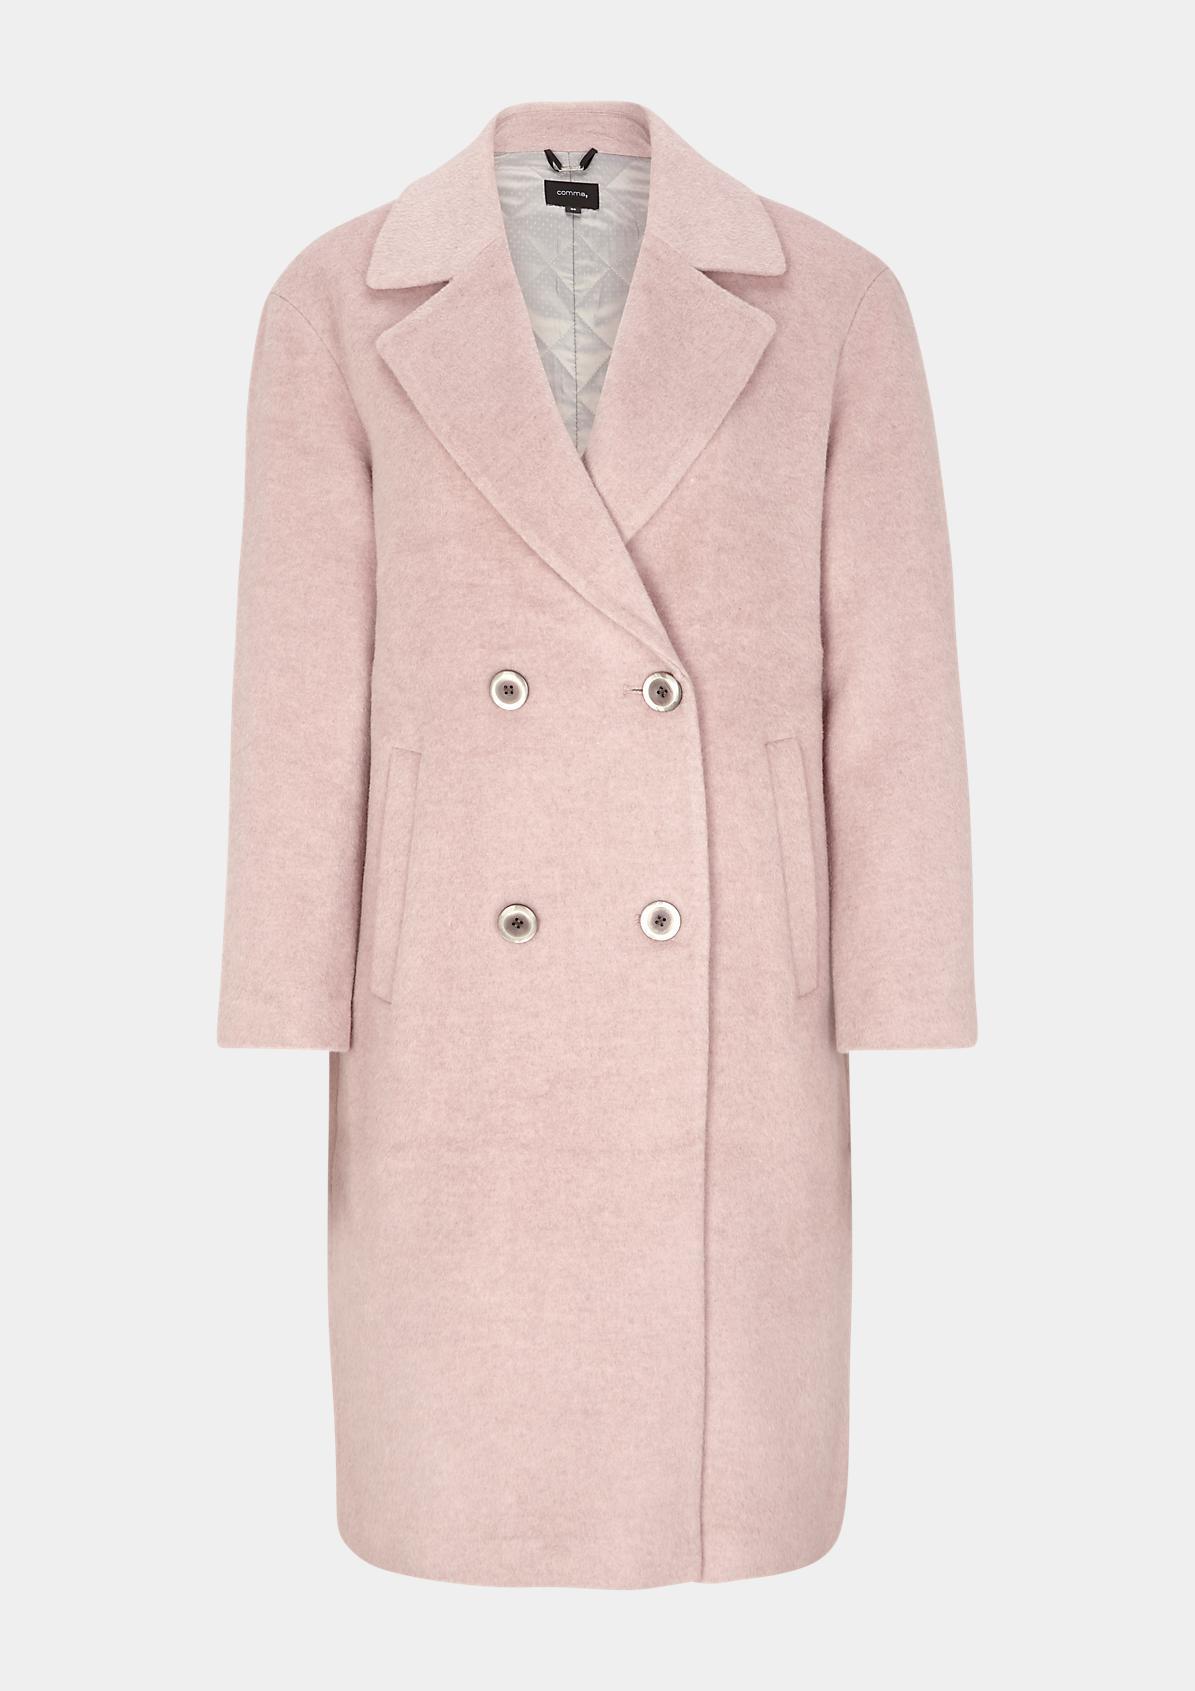 Mantel mit Zweireiher-Knopfleiste